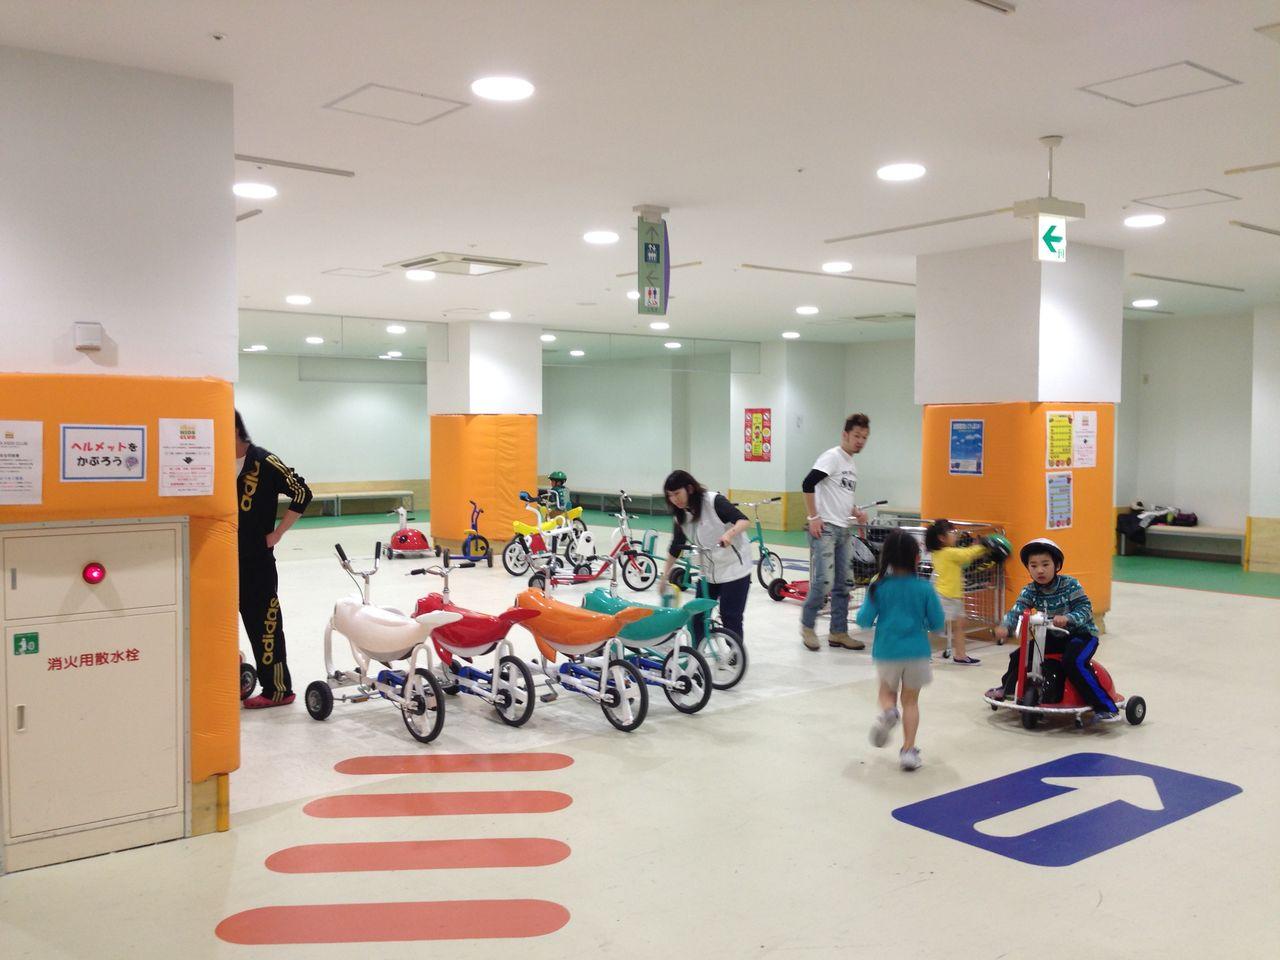 子供 遊べる 子供と遊ぶ : 浜松ブログ おすすめ観光&グルメを子供と遊ぶ!